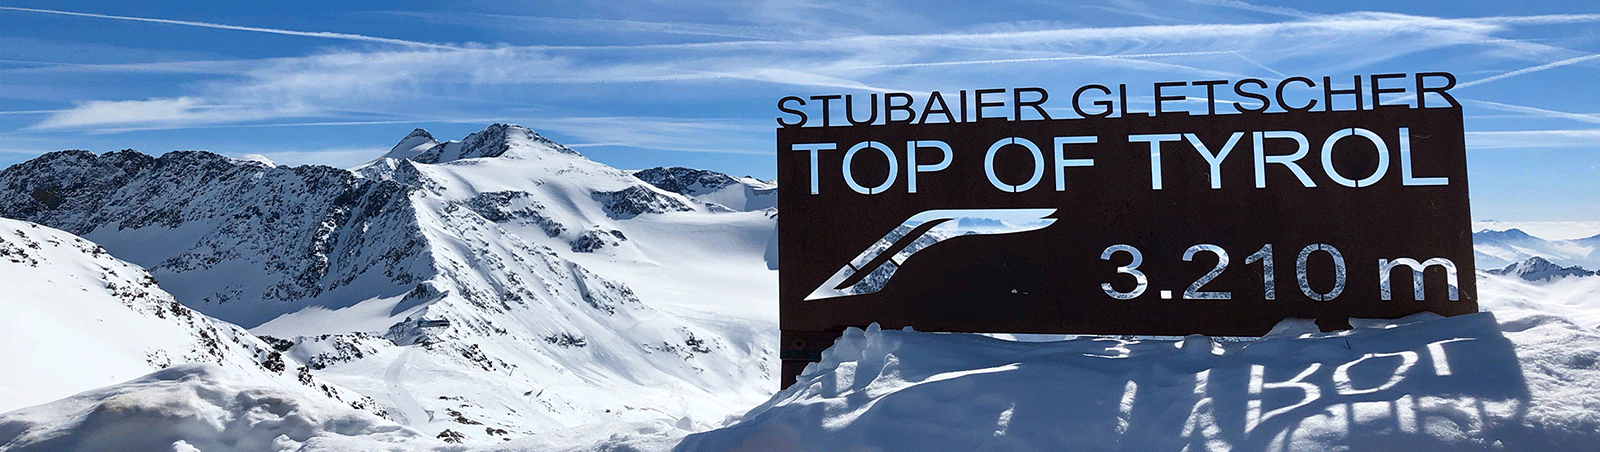 Stubai Glacier, School ski Trips